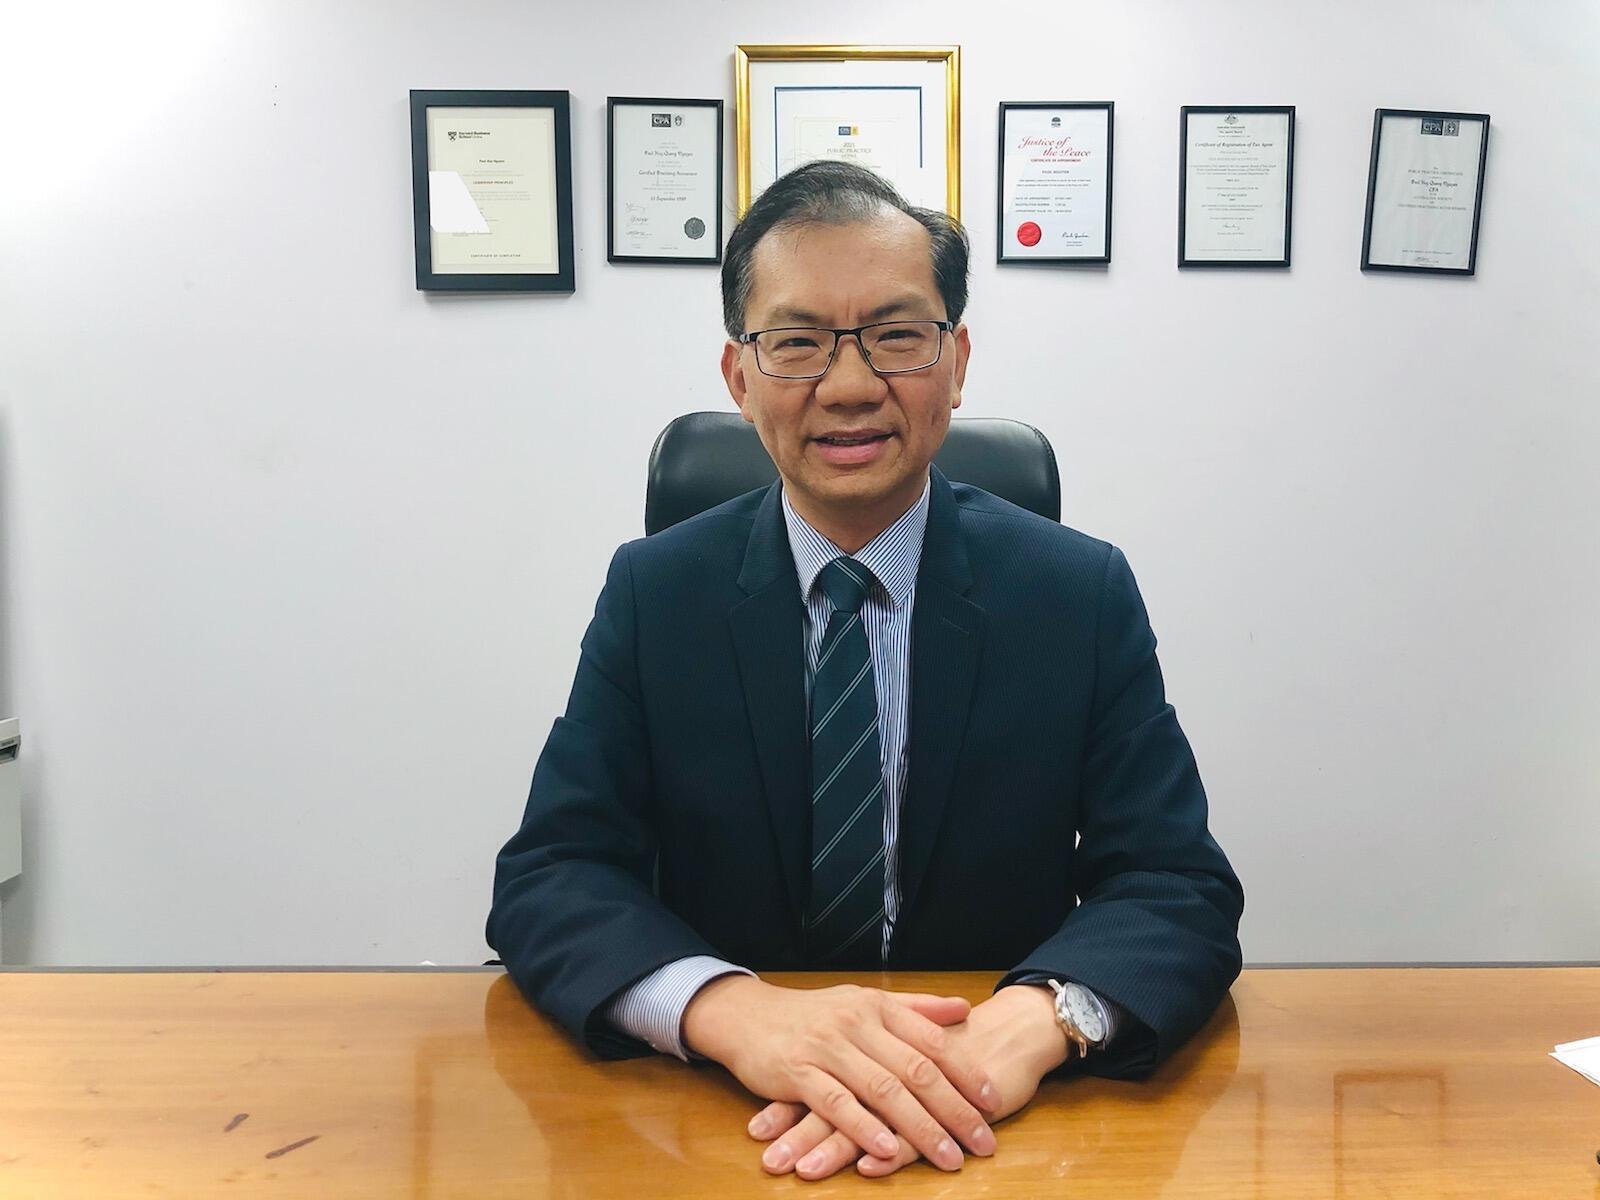 Ông Paul Huy Nguyễn, nhà tư vấn về tài chính, thương mại, nhà bình luận các vấn đề về kinh tế úc, chủ tịch Cộng đồng người Việt Tự do New South Wales.